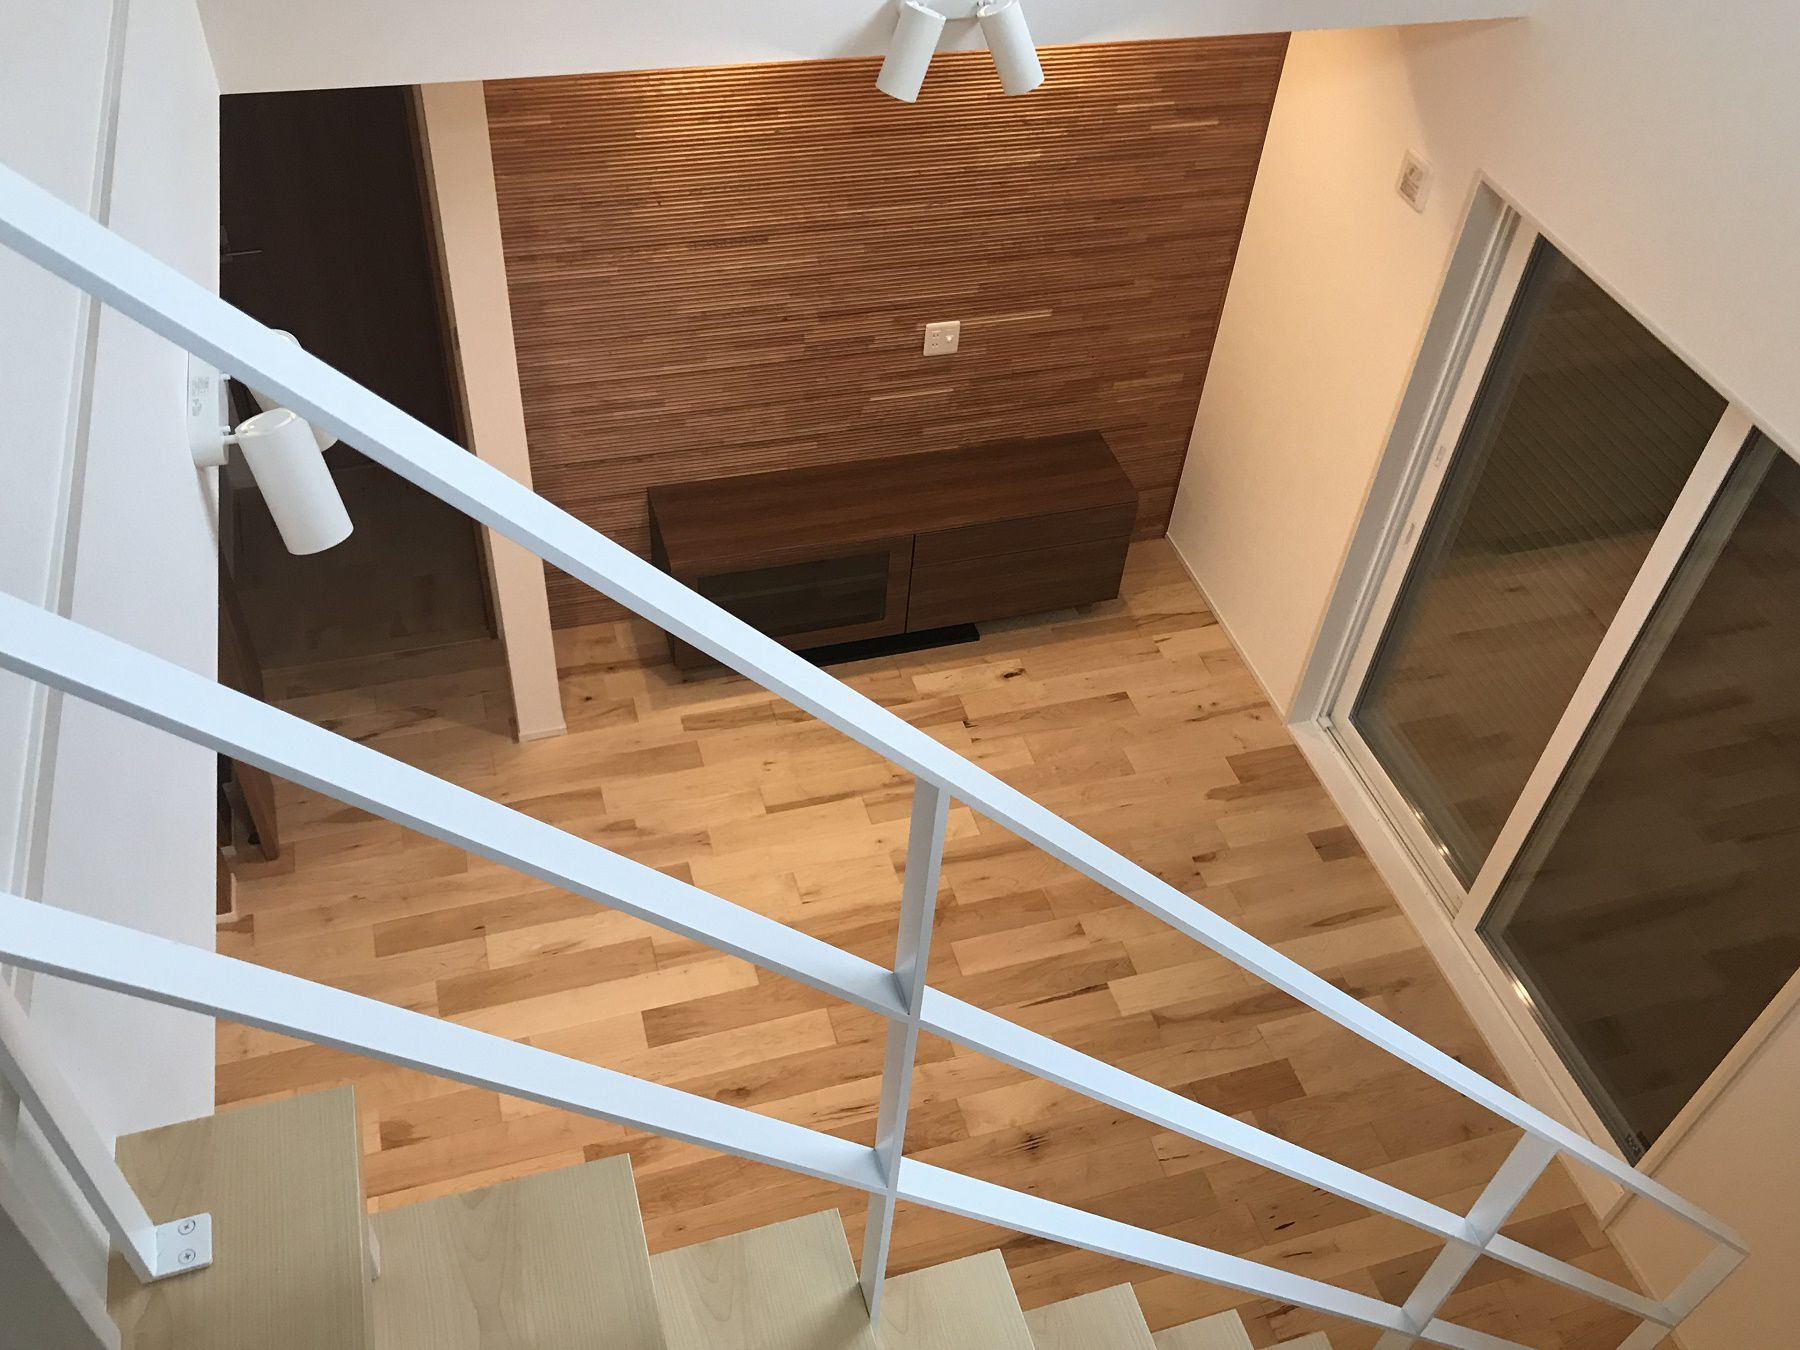 無垢のフローリングが暖かみのある雰囲気を演出してくれるリビング。大きな吹き抜けとオープン階段とのつながりもオシャレな空間を助長してくれます。